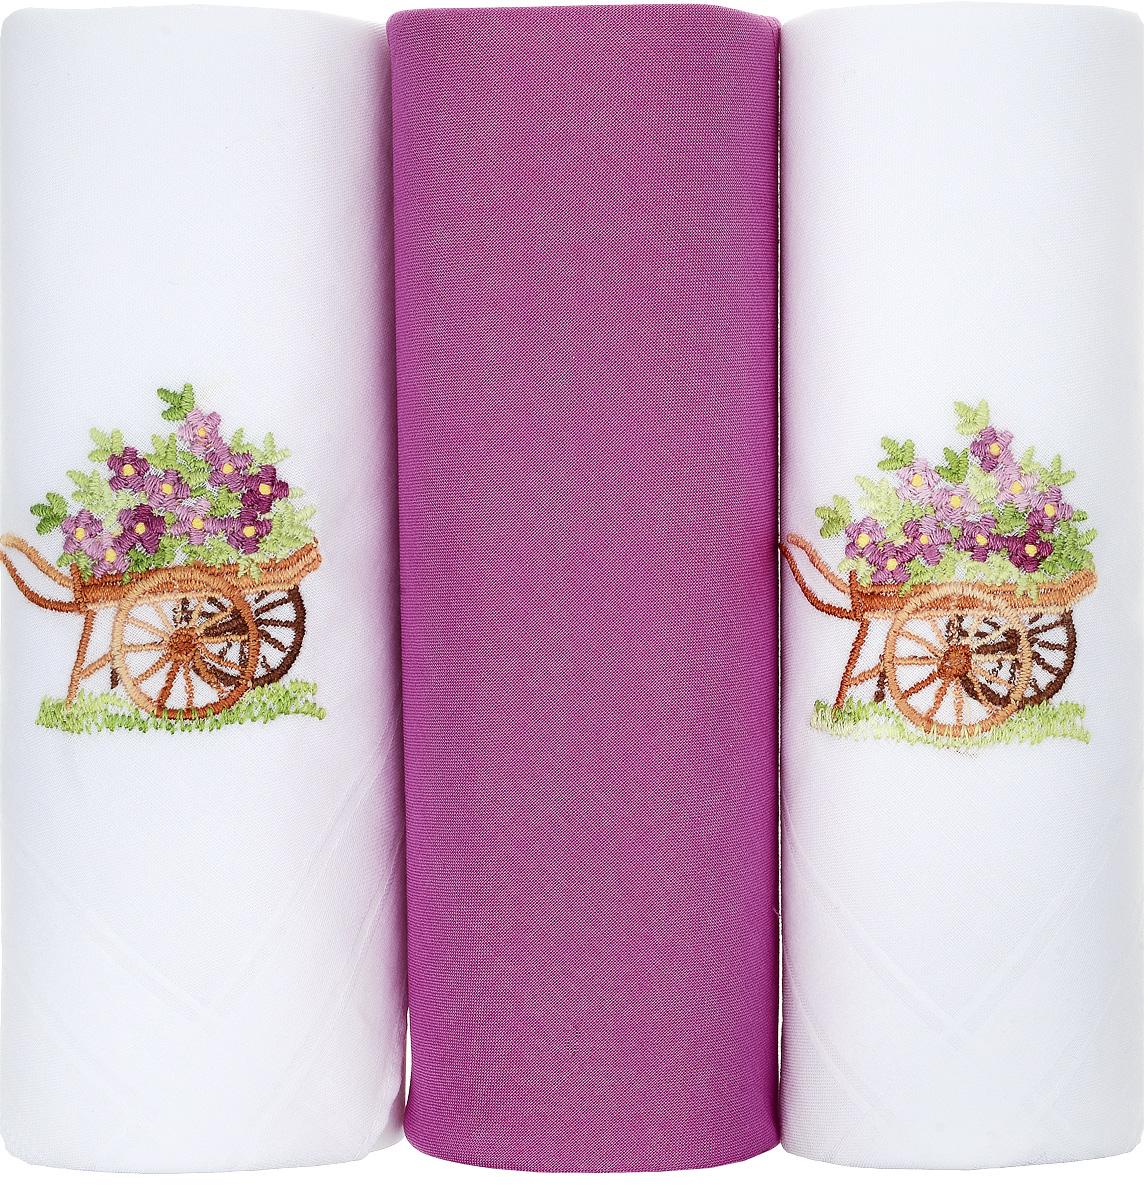 Платок носовой женский Zlata Korunka, цвет: белый, фуксия, 3 шт. 25605-11. Размер 30 см х 30 см25605-11Небольшой женский носовой платок Zlata Korunka изготовлен из высококачественного натурального хлопка, благодаря чему приятен в использовании, хорошо стирается, не садится и отлично впитывает влагу. Практичный и изящный носовой платок будет незаменим в повседневной жизни любого современного человека. Такой платок послужит стильным аксессуаром и подчеркнет ваше превосходное чувство вкуса. В комплекте 3 платка.